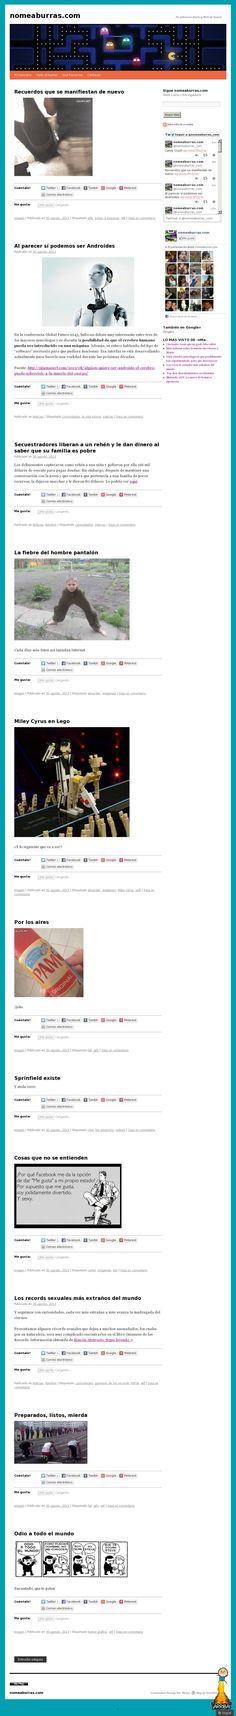 The website 'nomeaburras.com'